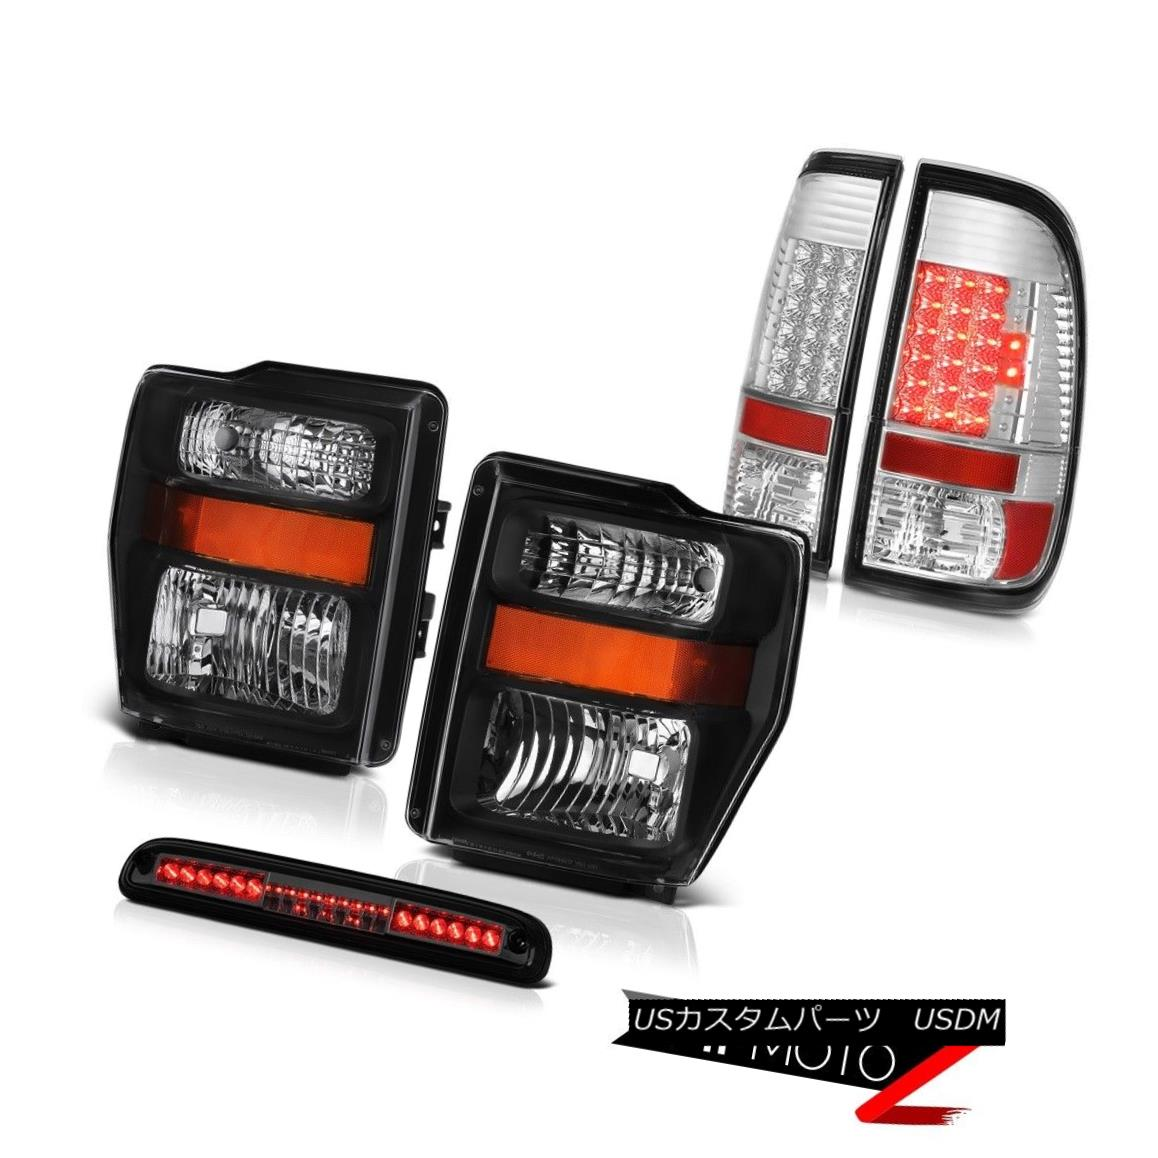 テールライト 08-10 F350 King Ranch Black Headlamps Bright LED Tail Lights Smoke Third Brake 08-10 F350キングランチブラックヘッドランプブライトLEDテールライトスモークサードブレーキ